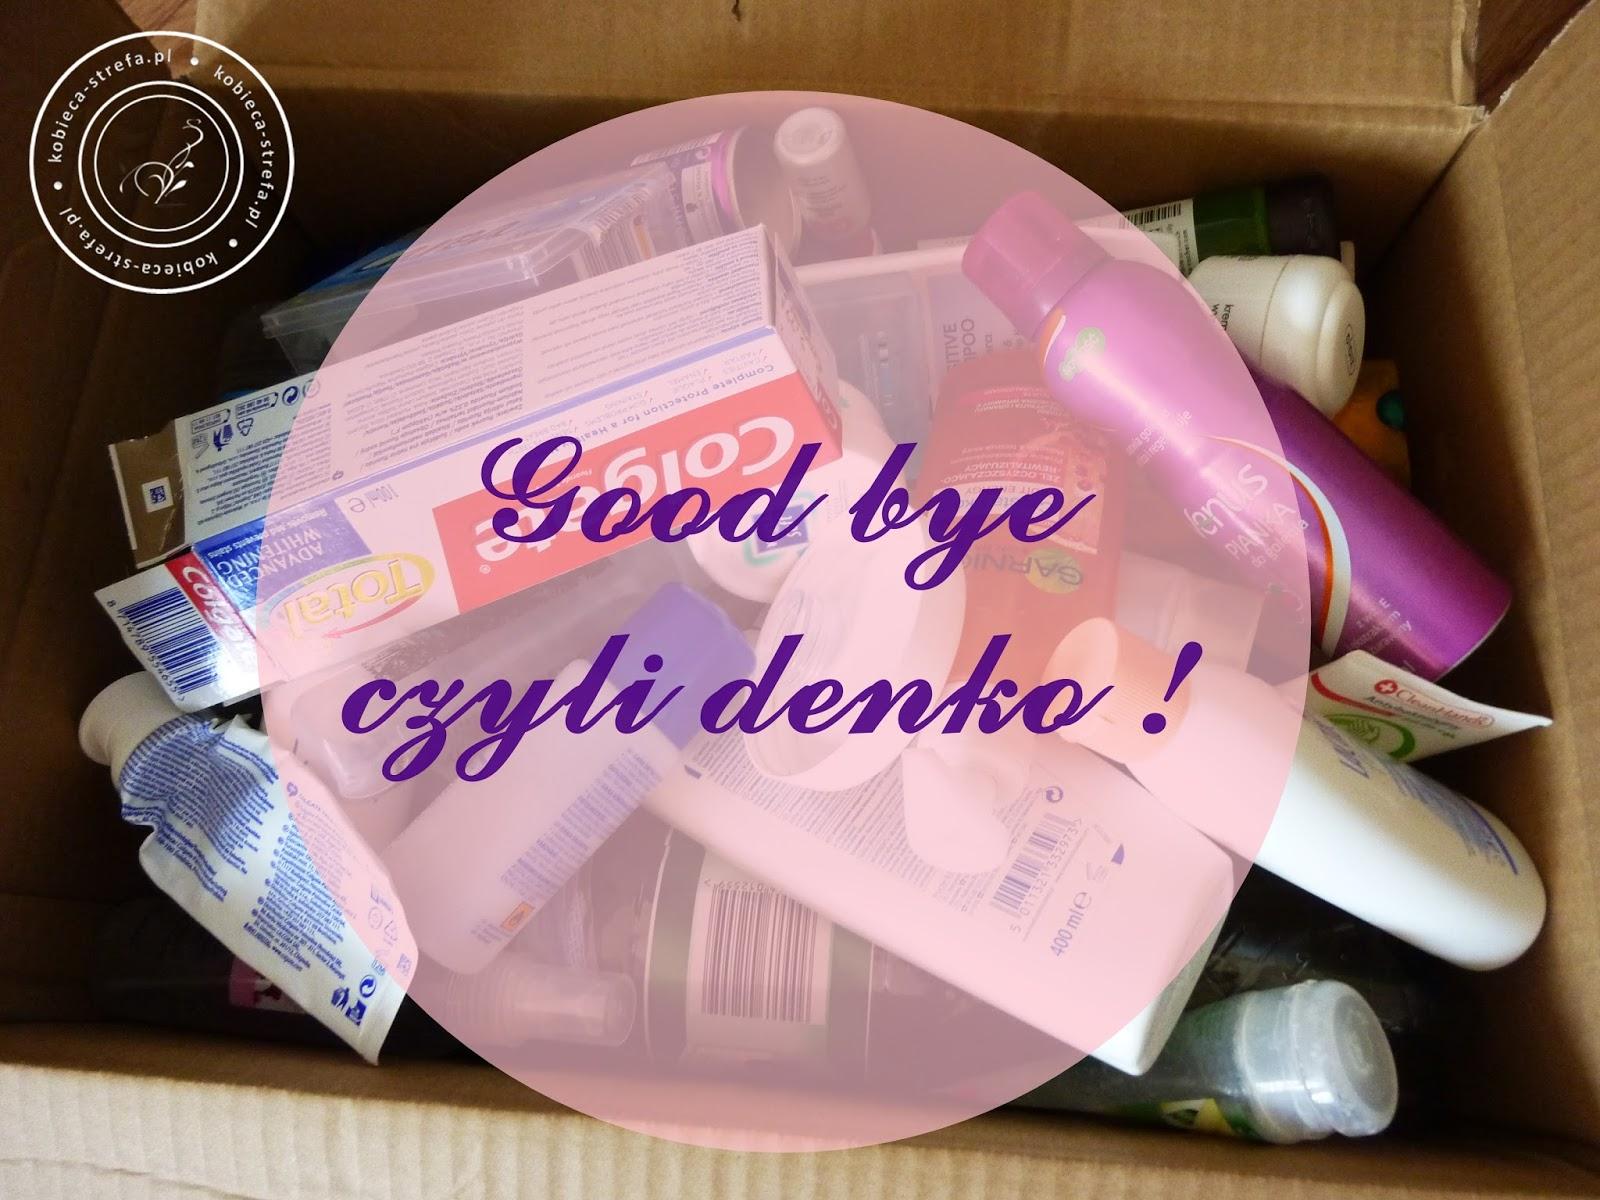 Good bye...czyli denkujemy!